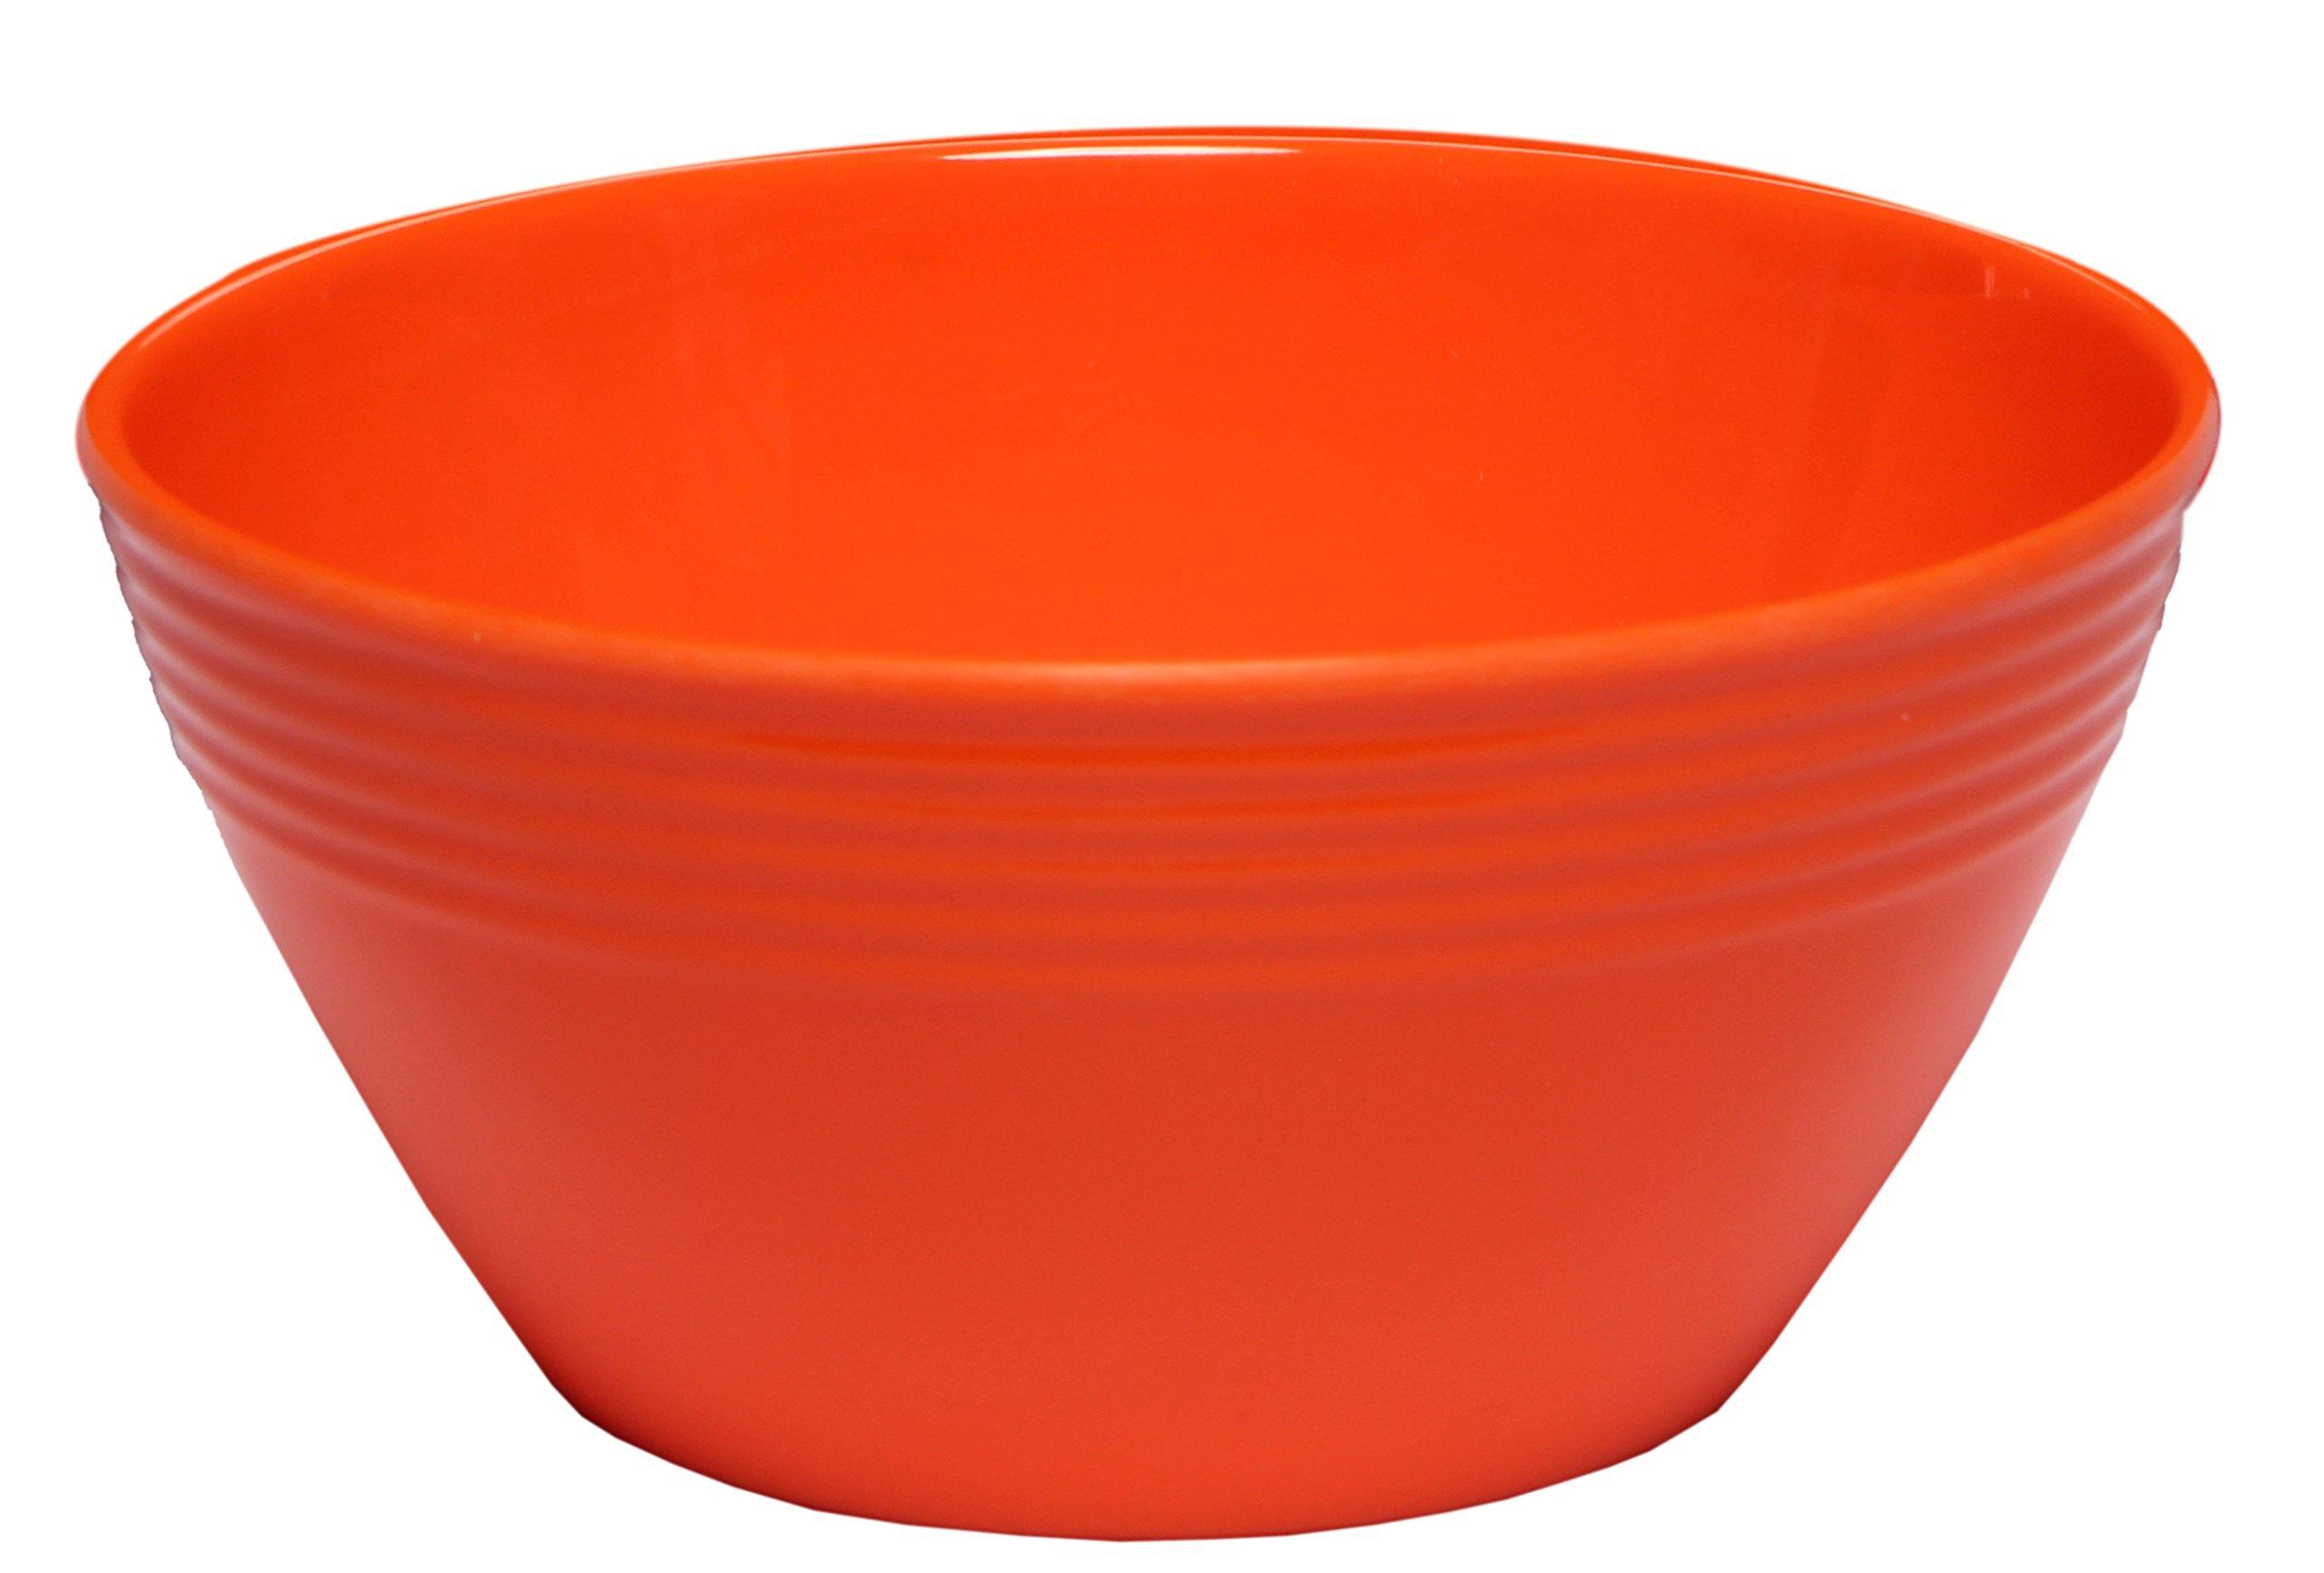 Melange 6-Piece Melamine Bowl Set (Solids Collection) | Shatter-Proof and Chip-Resistant Melamine Bowls | Color Orange